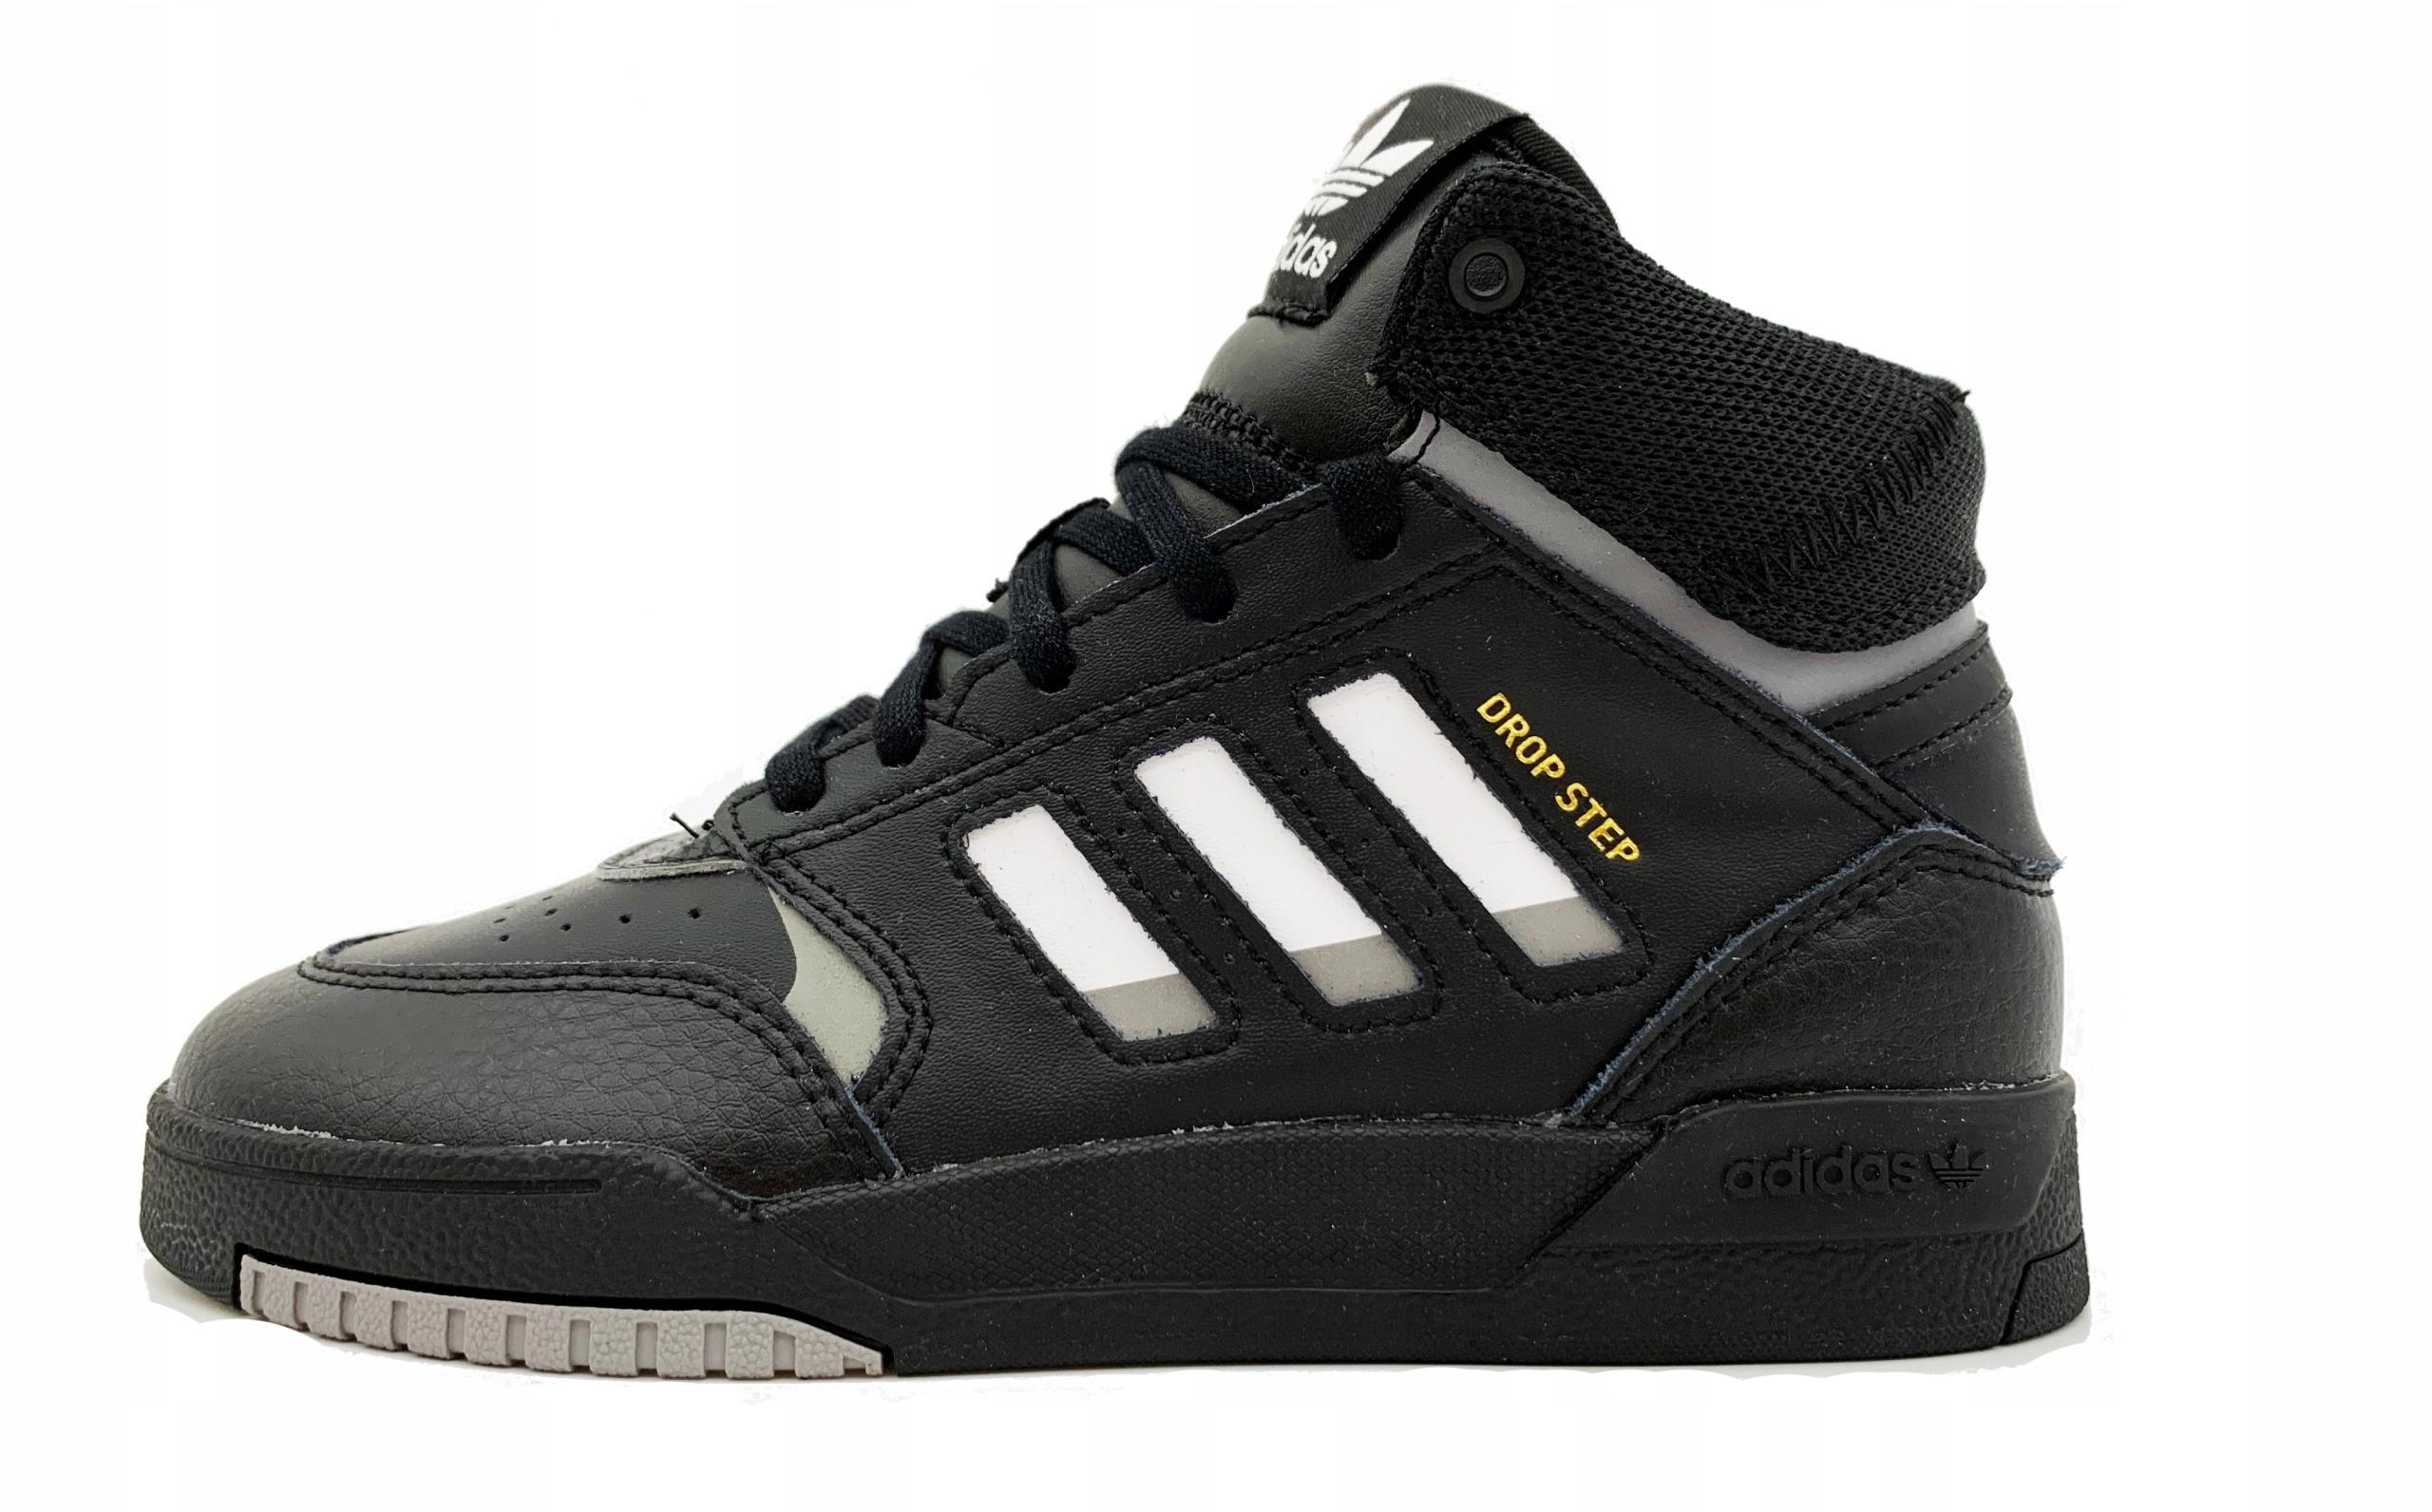 Adidas Drop Step C Buty Dzieciece Originals 33 9621517167 Allegro Pl